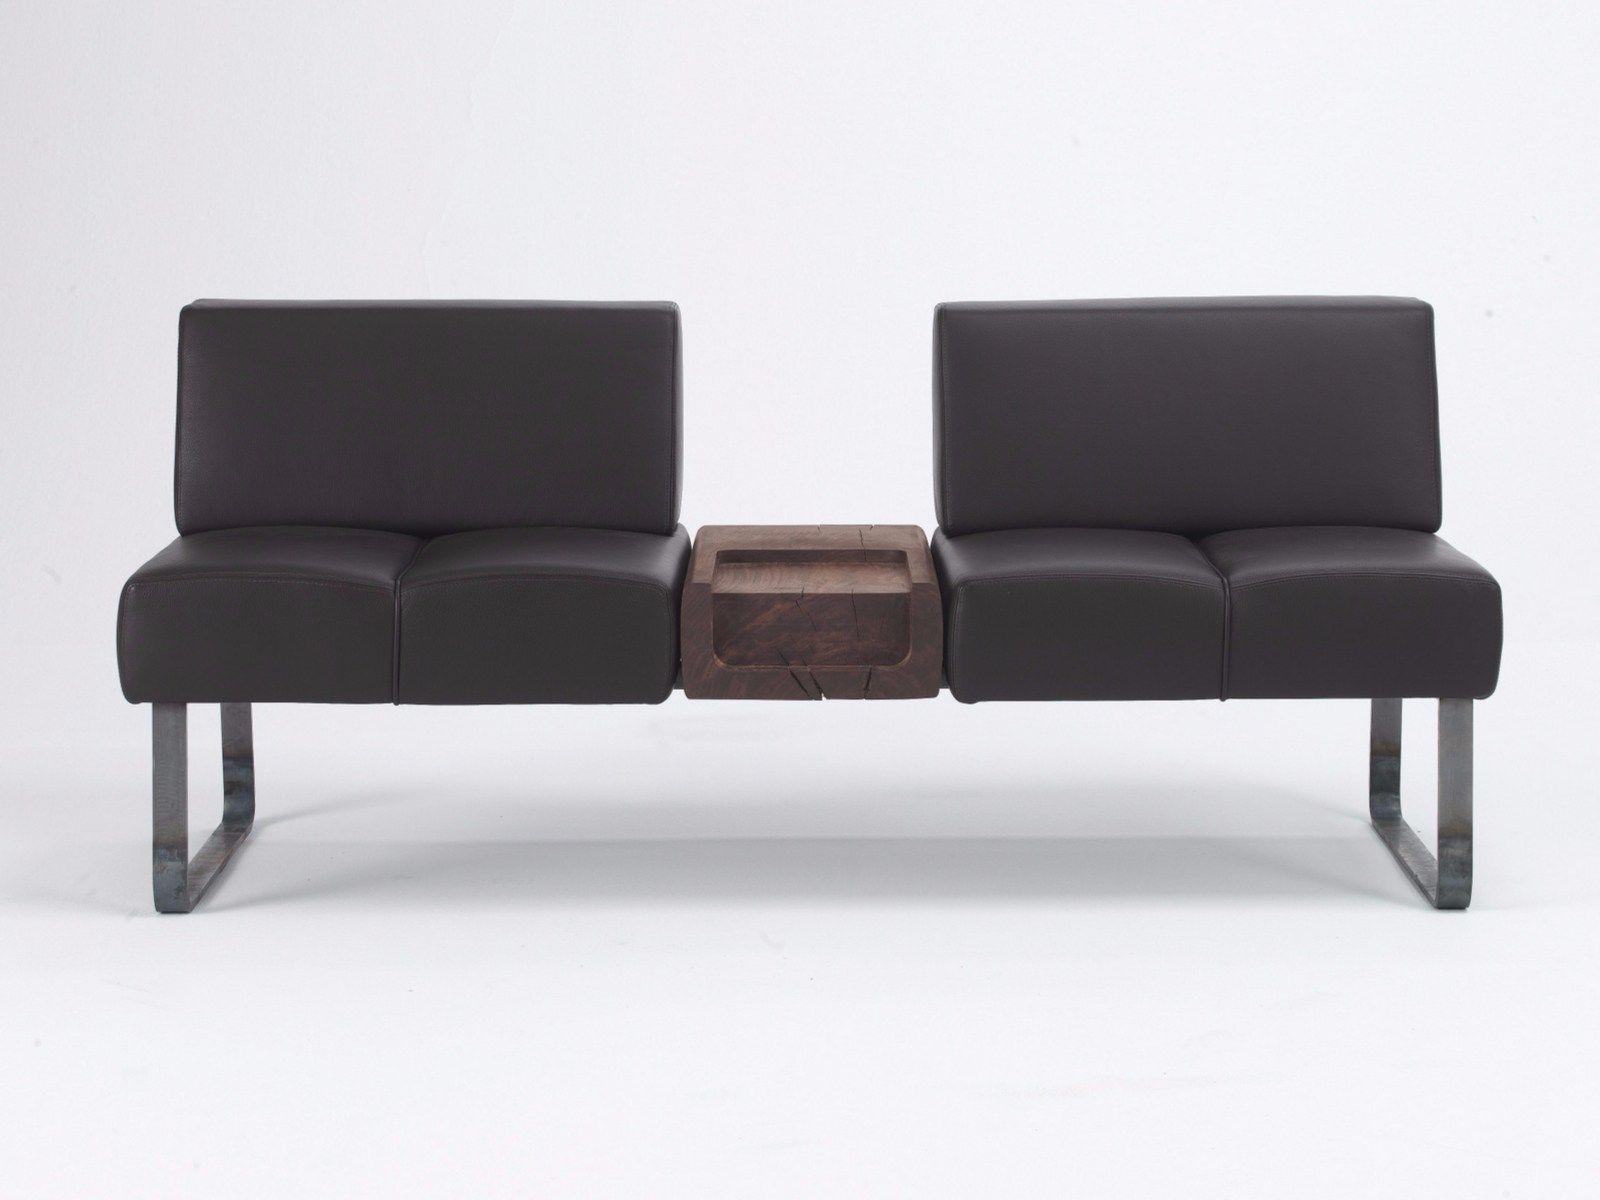 terry dwan furniture home design idea. Black Bedroom Furniture Sets. Home Design Ideas